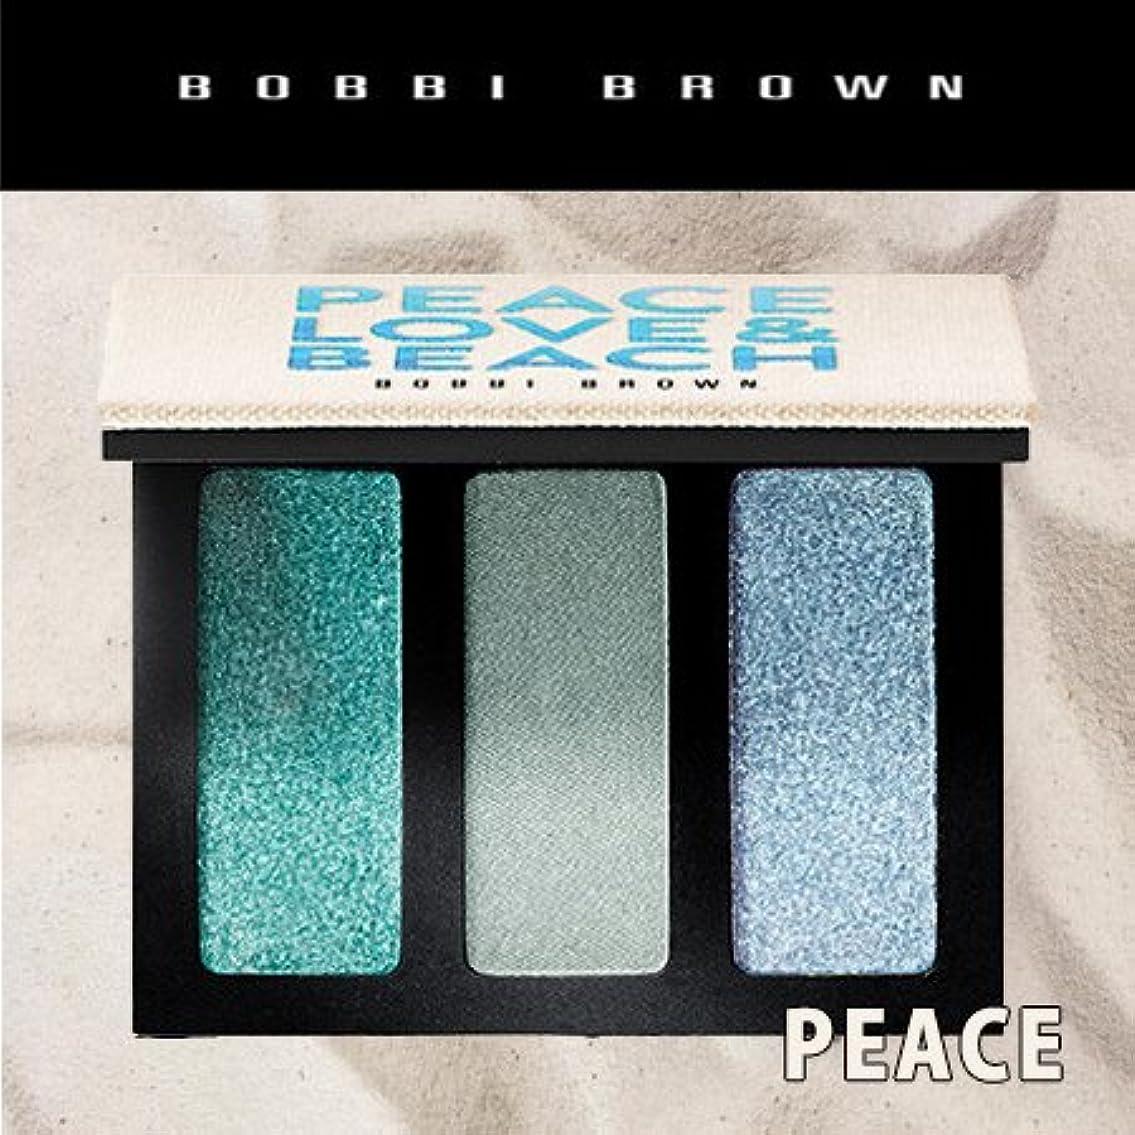 ボビイブラウン アイシャドウ トリオ ピース,ラブ&ビーチ #ピース PEACE (限定品) -BOBBI BROWN- 【並行輸入品】